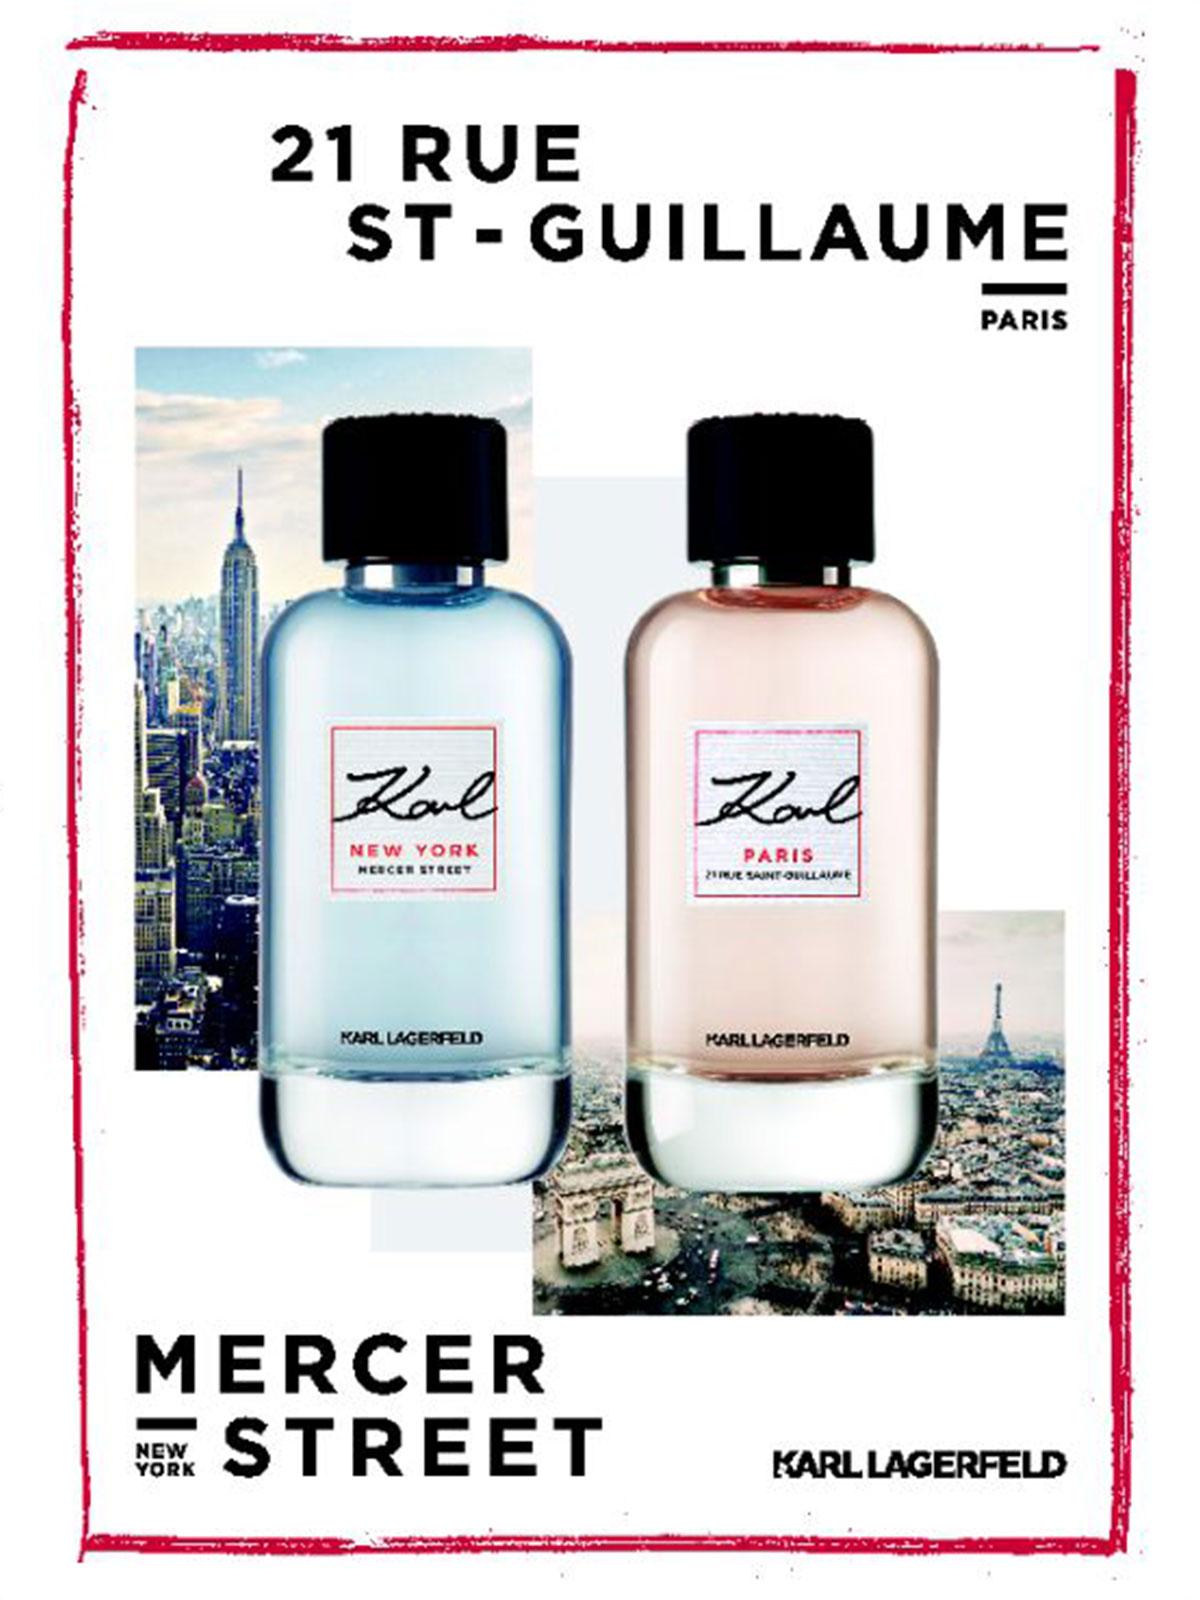 Ein Bild von einem Karl Lagerfeld Parfum Visual